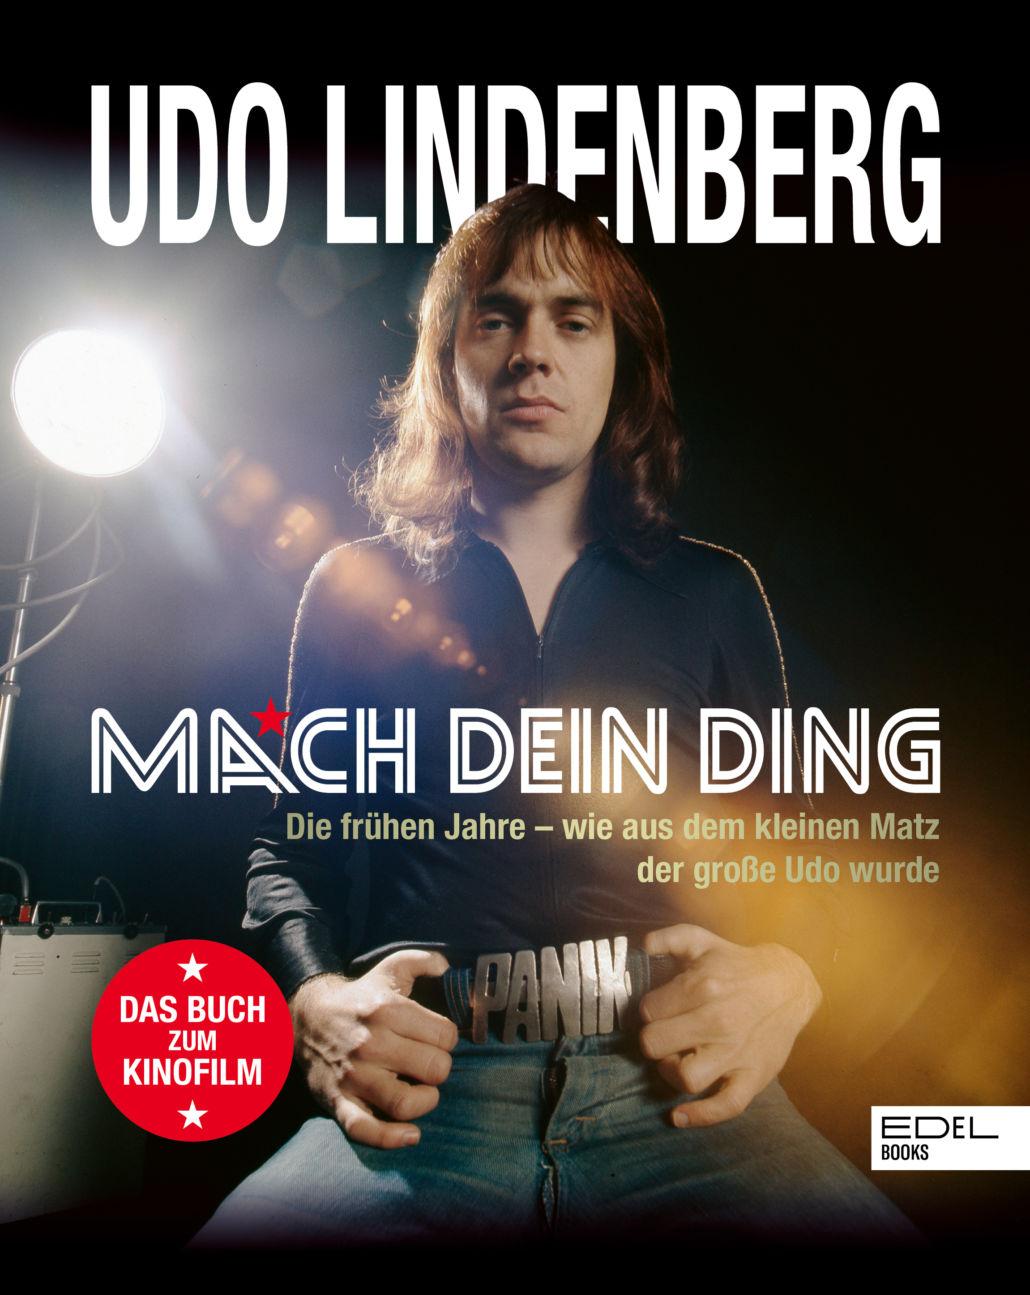 Udo Lindenberg: